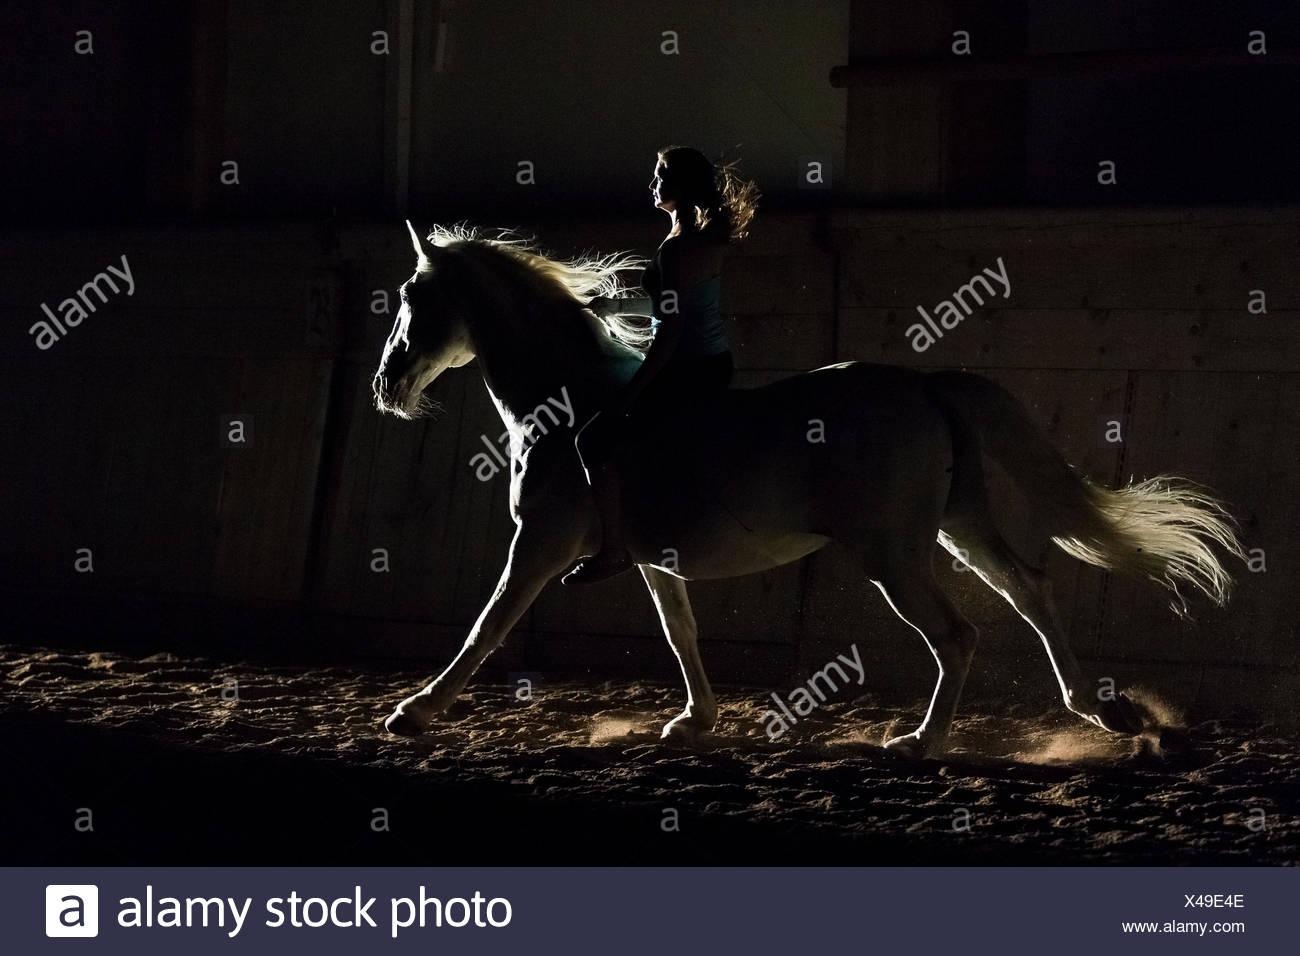 Cheval lipizzan. Étalon adultes (Siglavy Capriola Primas) avec rider dans l'obscurité, vu contre la lumière. L'Autriche Photo Stock